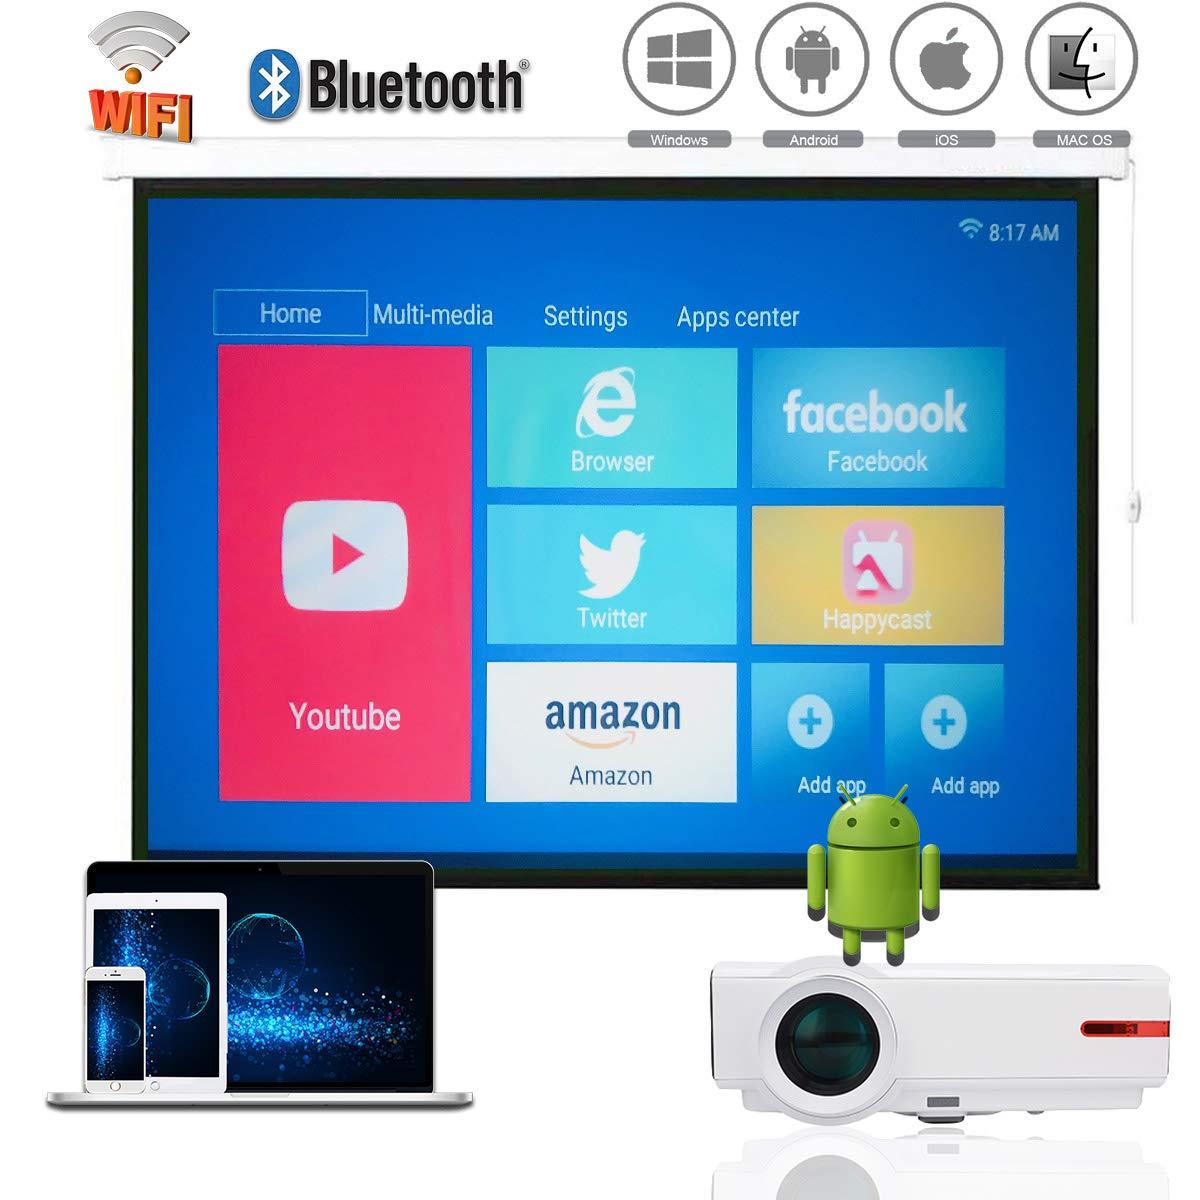 1080pビデオプロジェクターローカル無線LAN、Bluetooth無線アンドリュースプロジェクターLED、1G RAM + 8 G ROM、適し4K *大きい解像度、サポートエアプレイMiracast DLNA、 iPhoneアプリのAndroidの携帯電話のタブレットPC PS3 / PS4のXbox